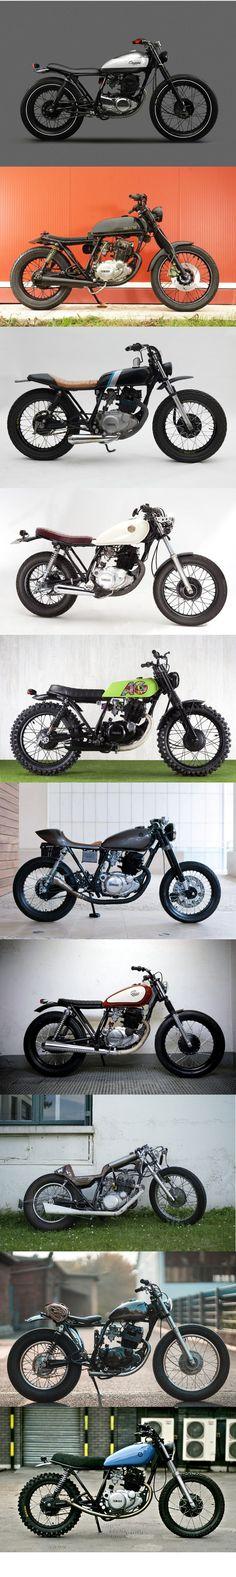 Yamaha SR250 compilation